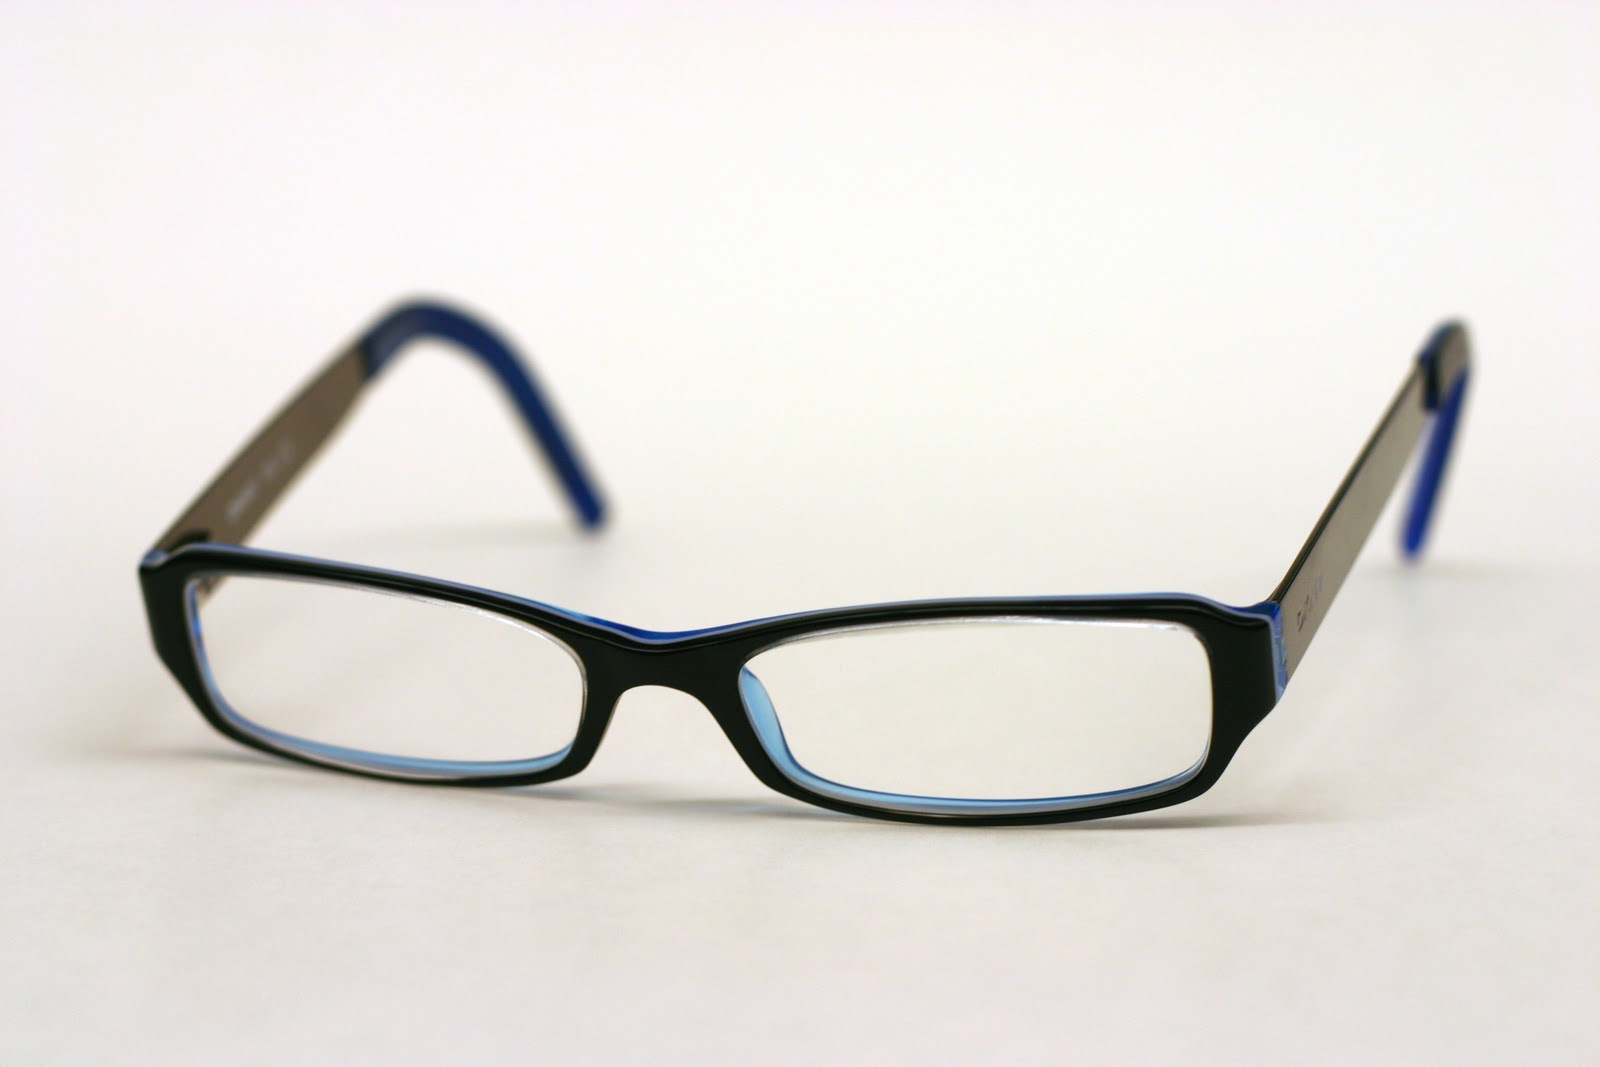 http://4.bp.blogspot.com/-Yo6q7tgskQI/TycF7GPTPuI/AAAAAAAAEuM/UGNz9WjVgm0/s1600/DKNY_Glasses.jpg